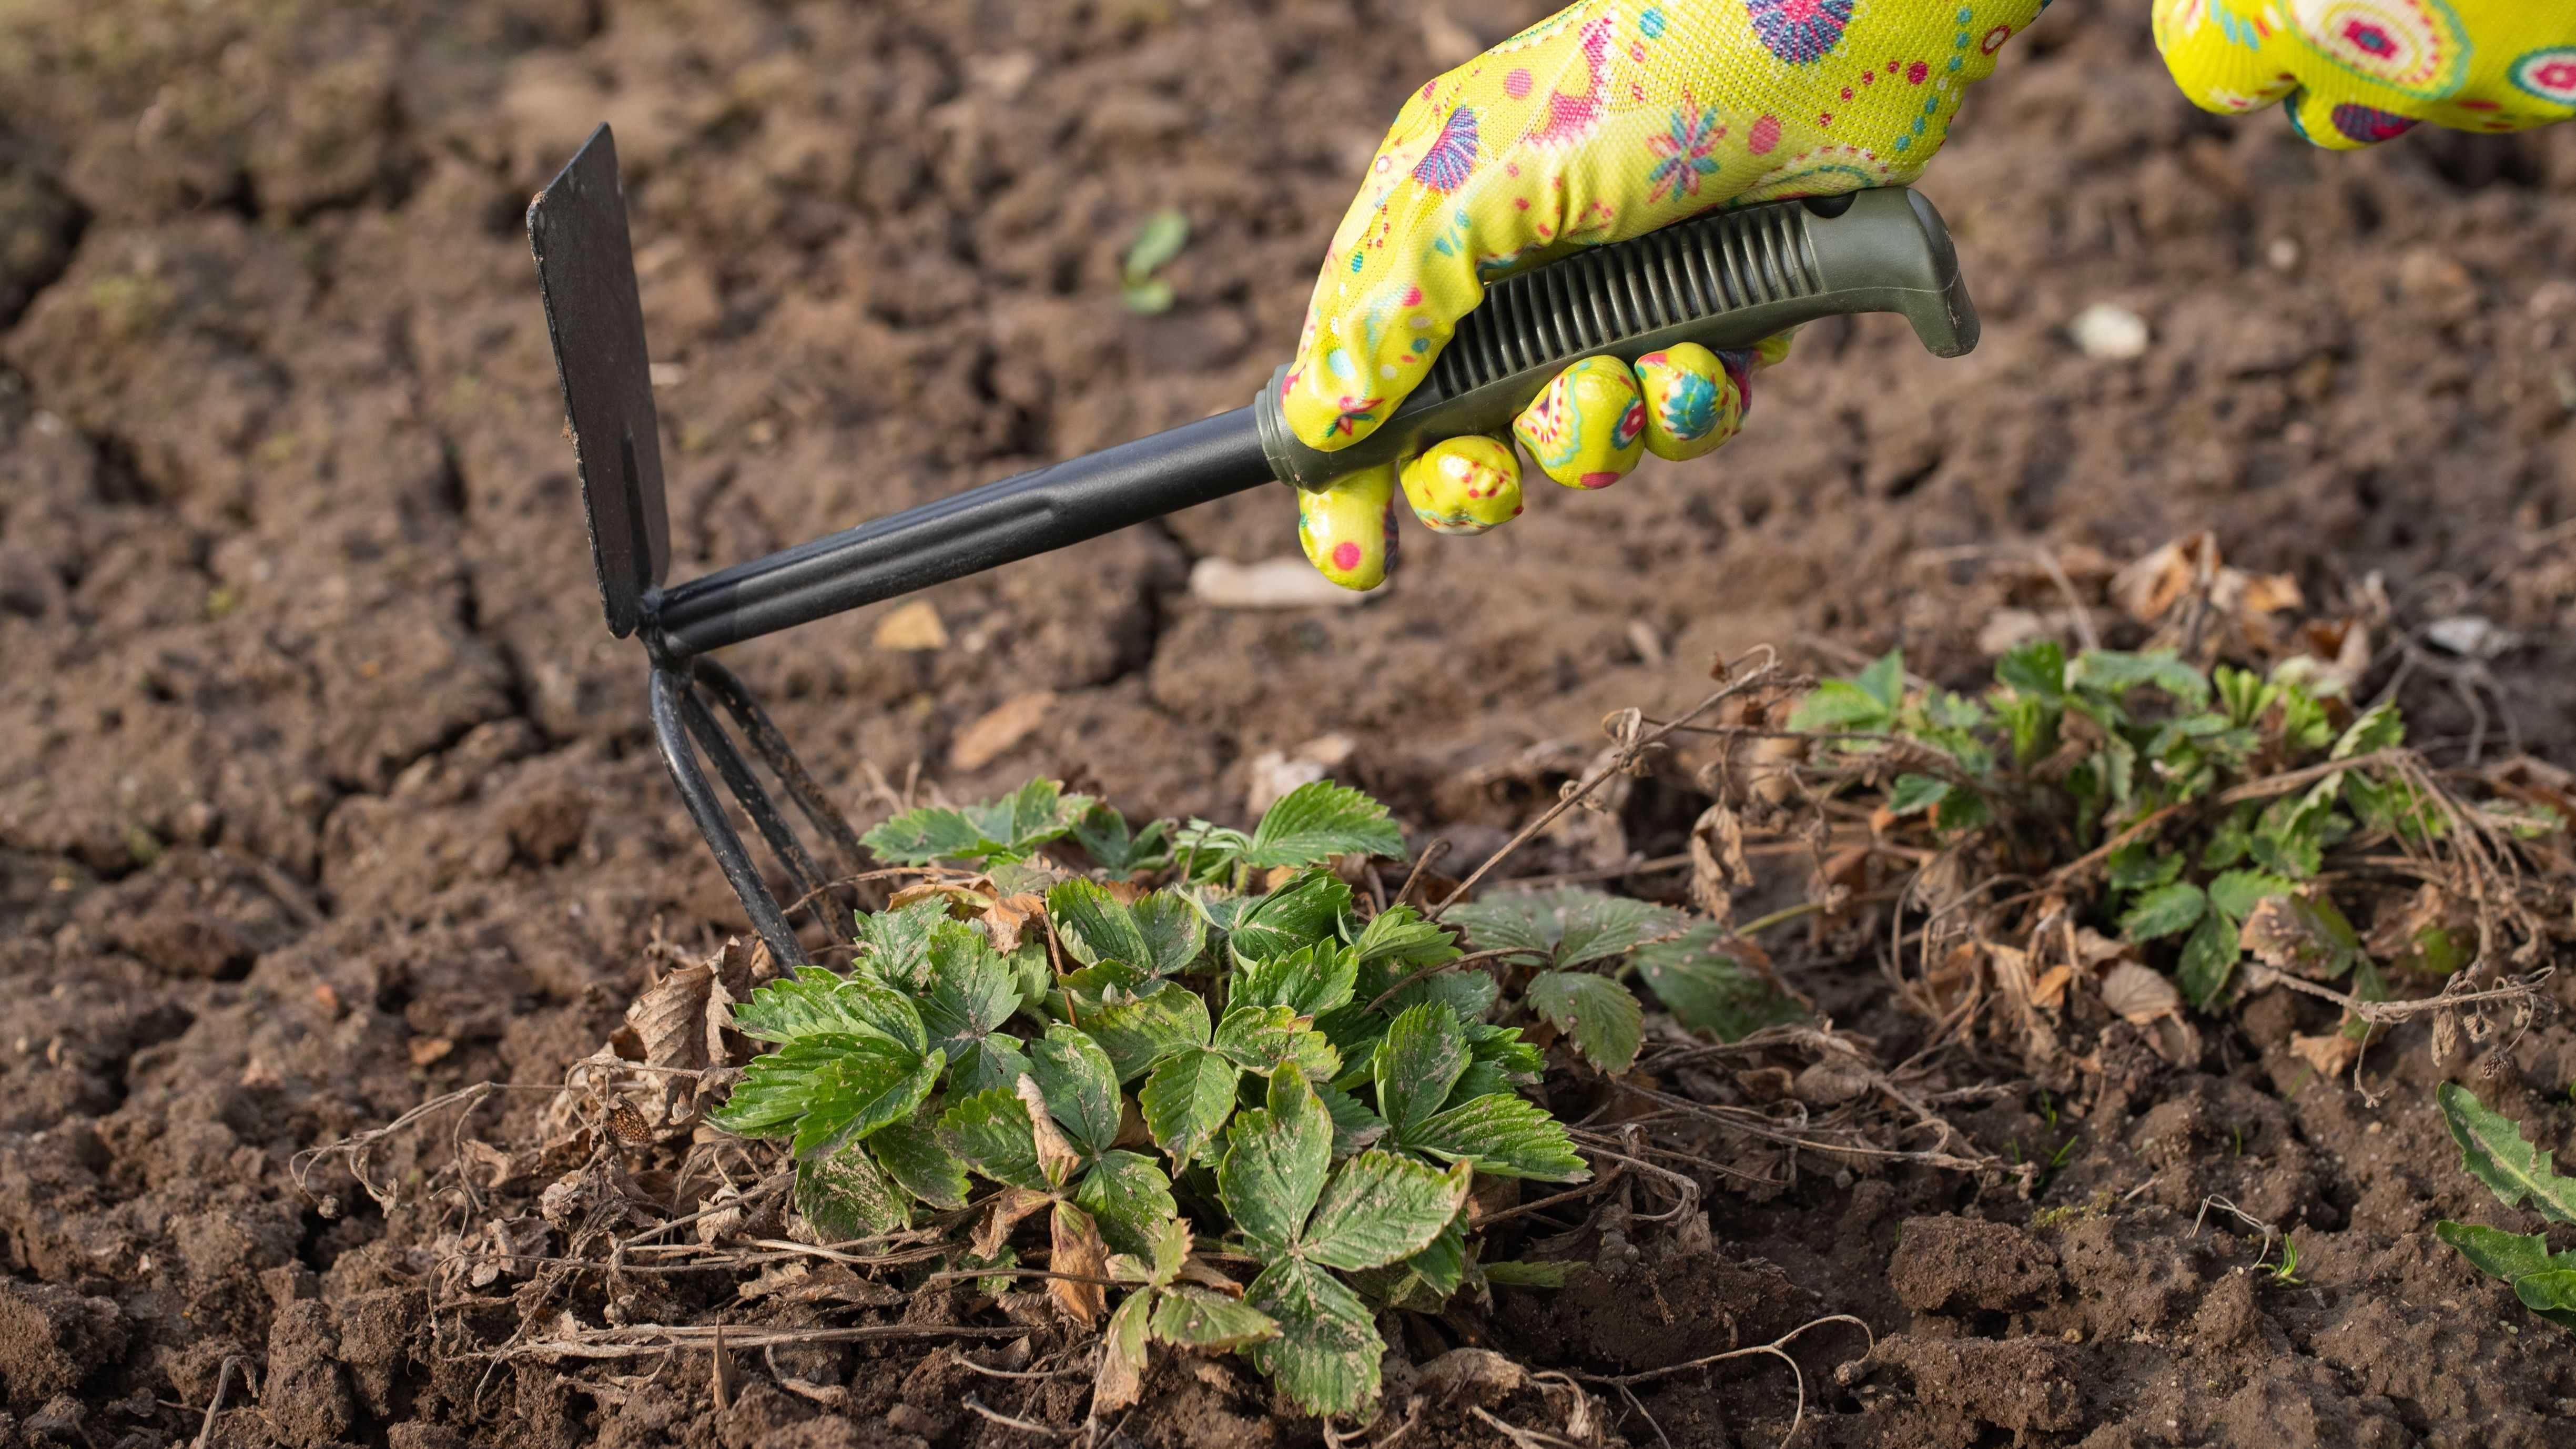 Giardino: utensili e attrezzature per iniziare